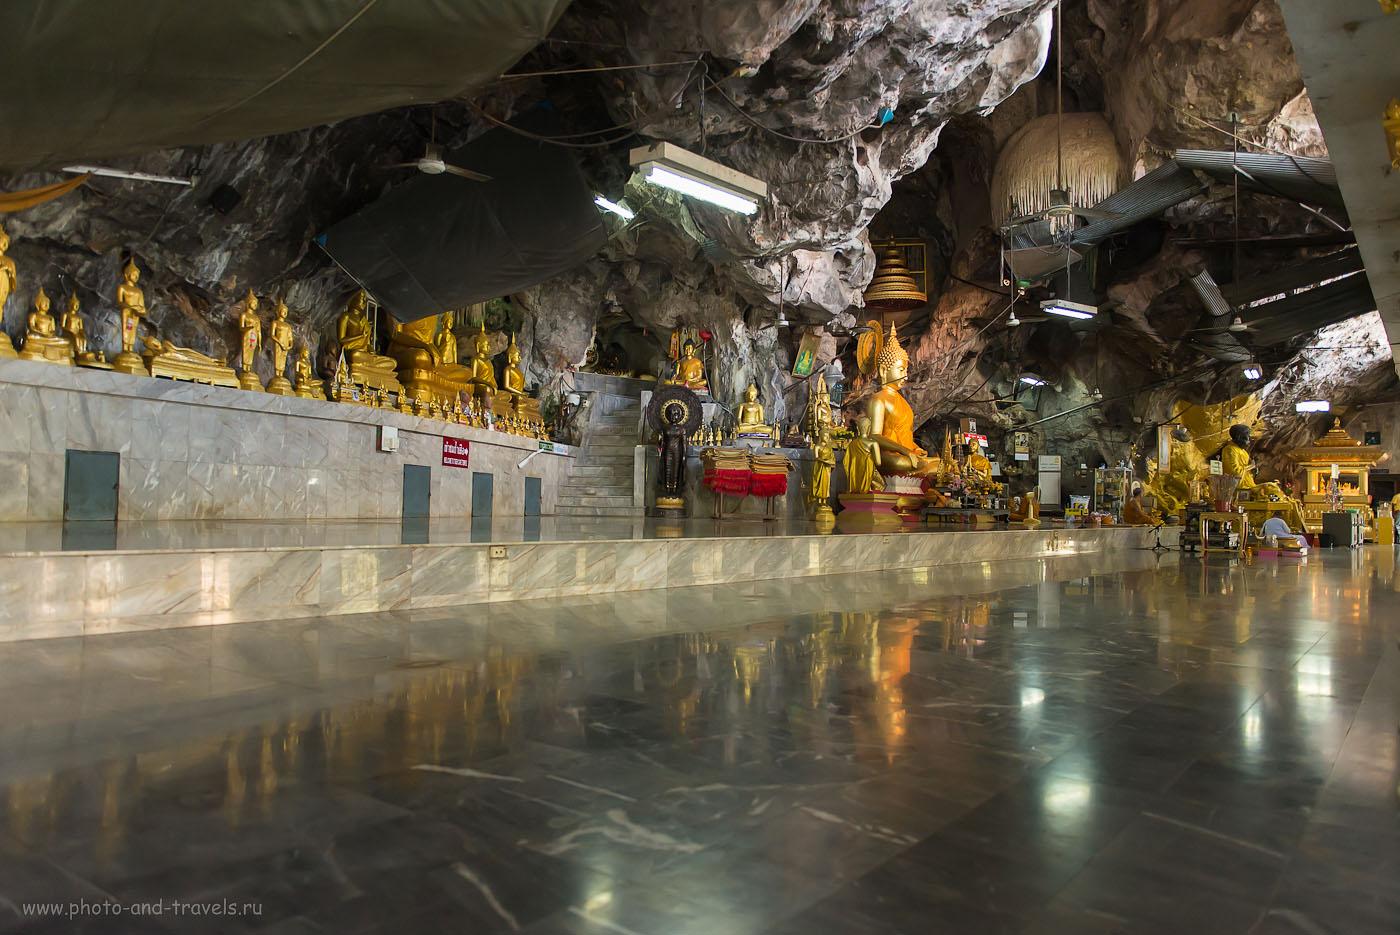 Фото 5. Храм Wat Tam Suea в провинции Krabi, куда мы попали во время самостоятельного отдыха в Таиланде (2000, 26,f/2.8, 1/125, съемка с рук, штатив оставил в машине)